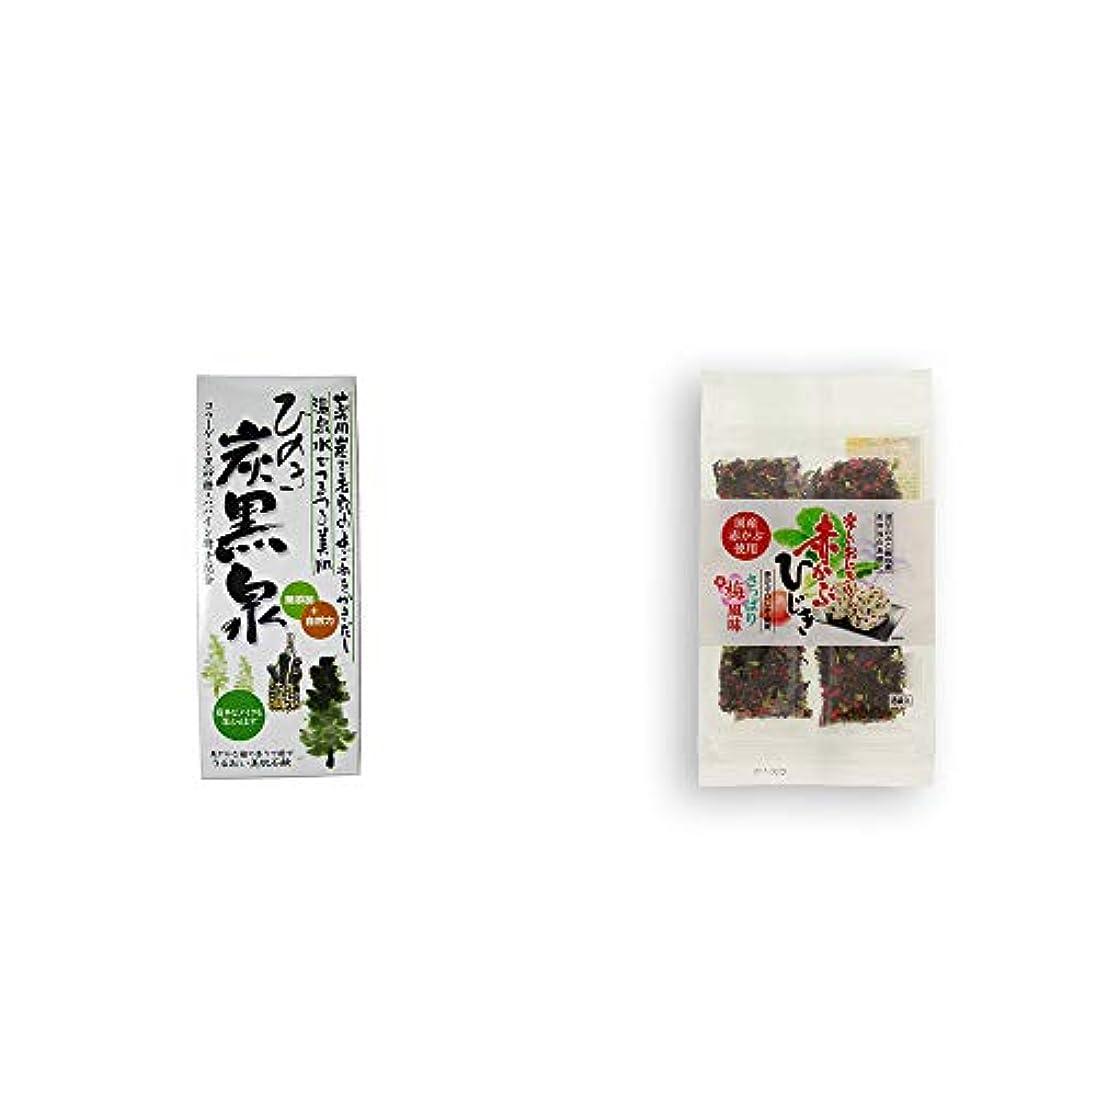 足首微妙粘液[2点セット] ひのき炭黒泉 箱入り(75g×3)?楽しいおにぎり 赤かぶひじき(8g×8袋)